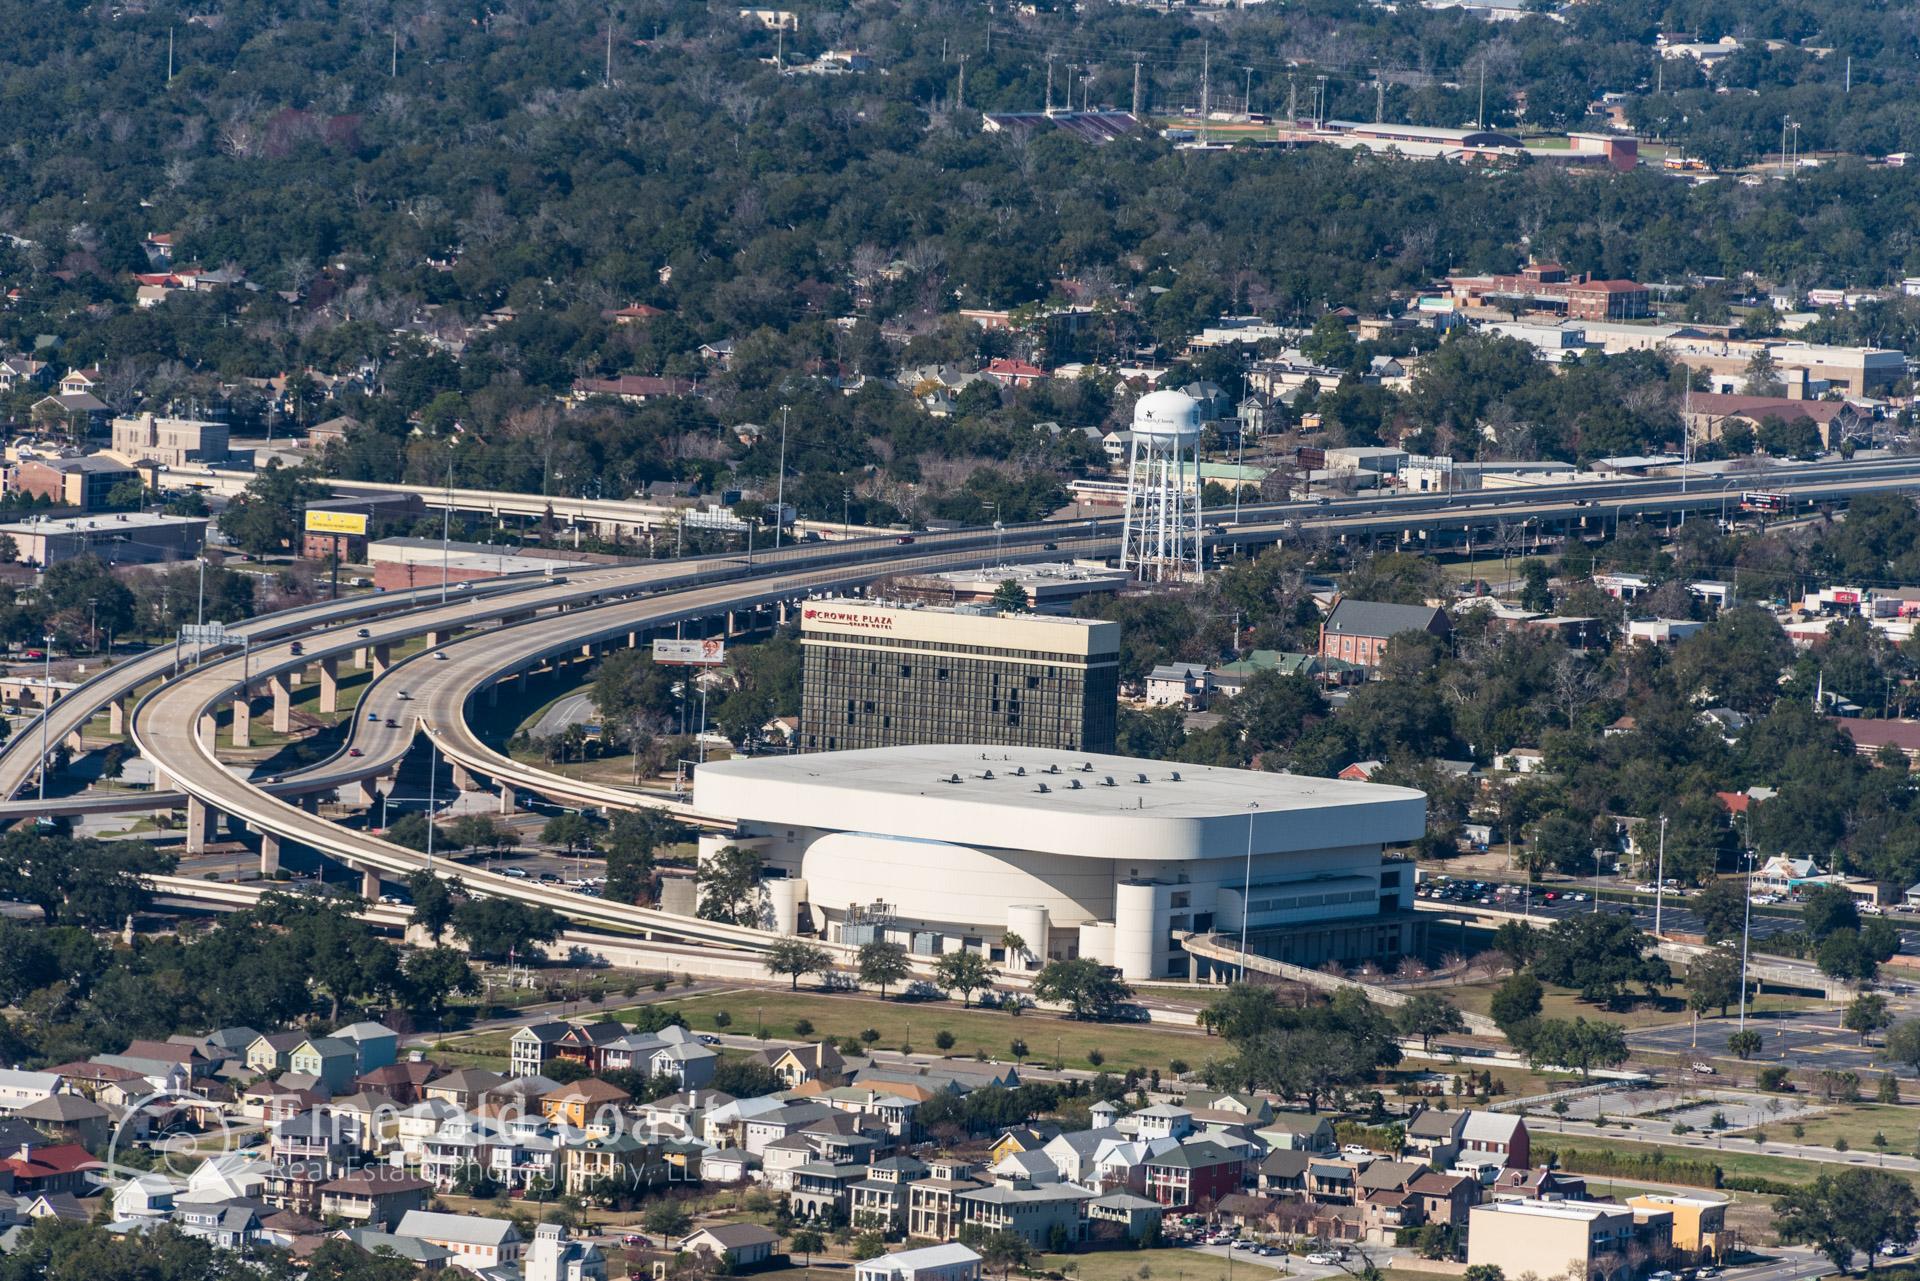 aerial photo of Pensacola Bay Center